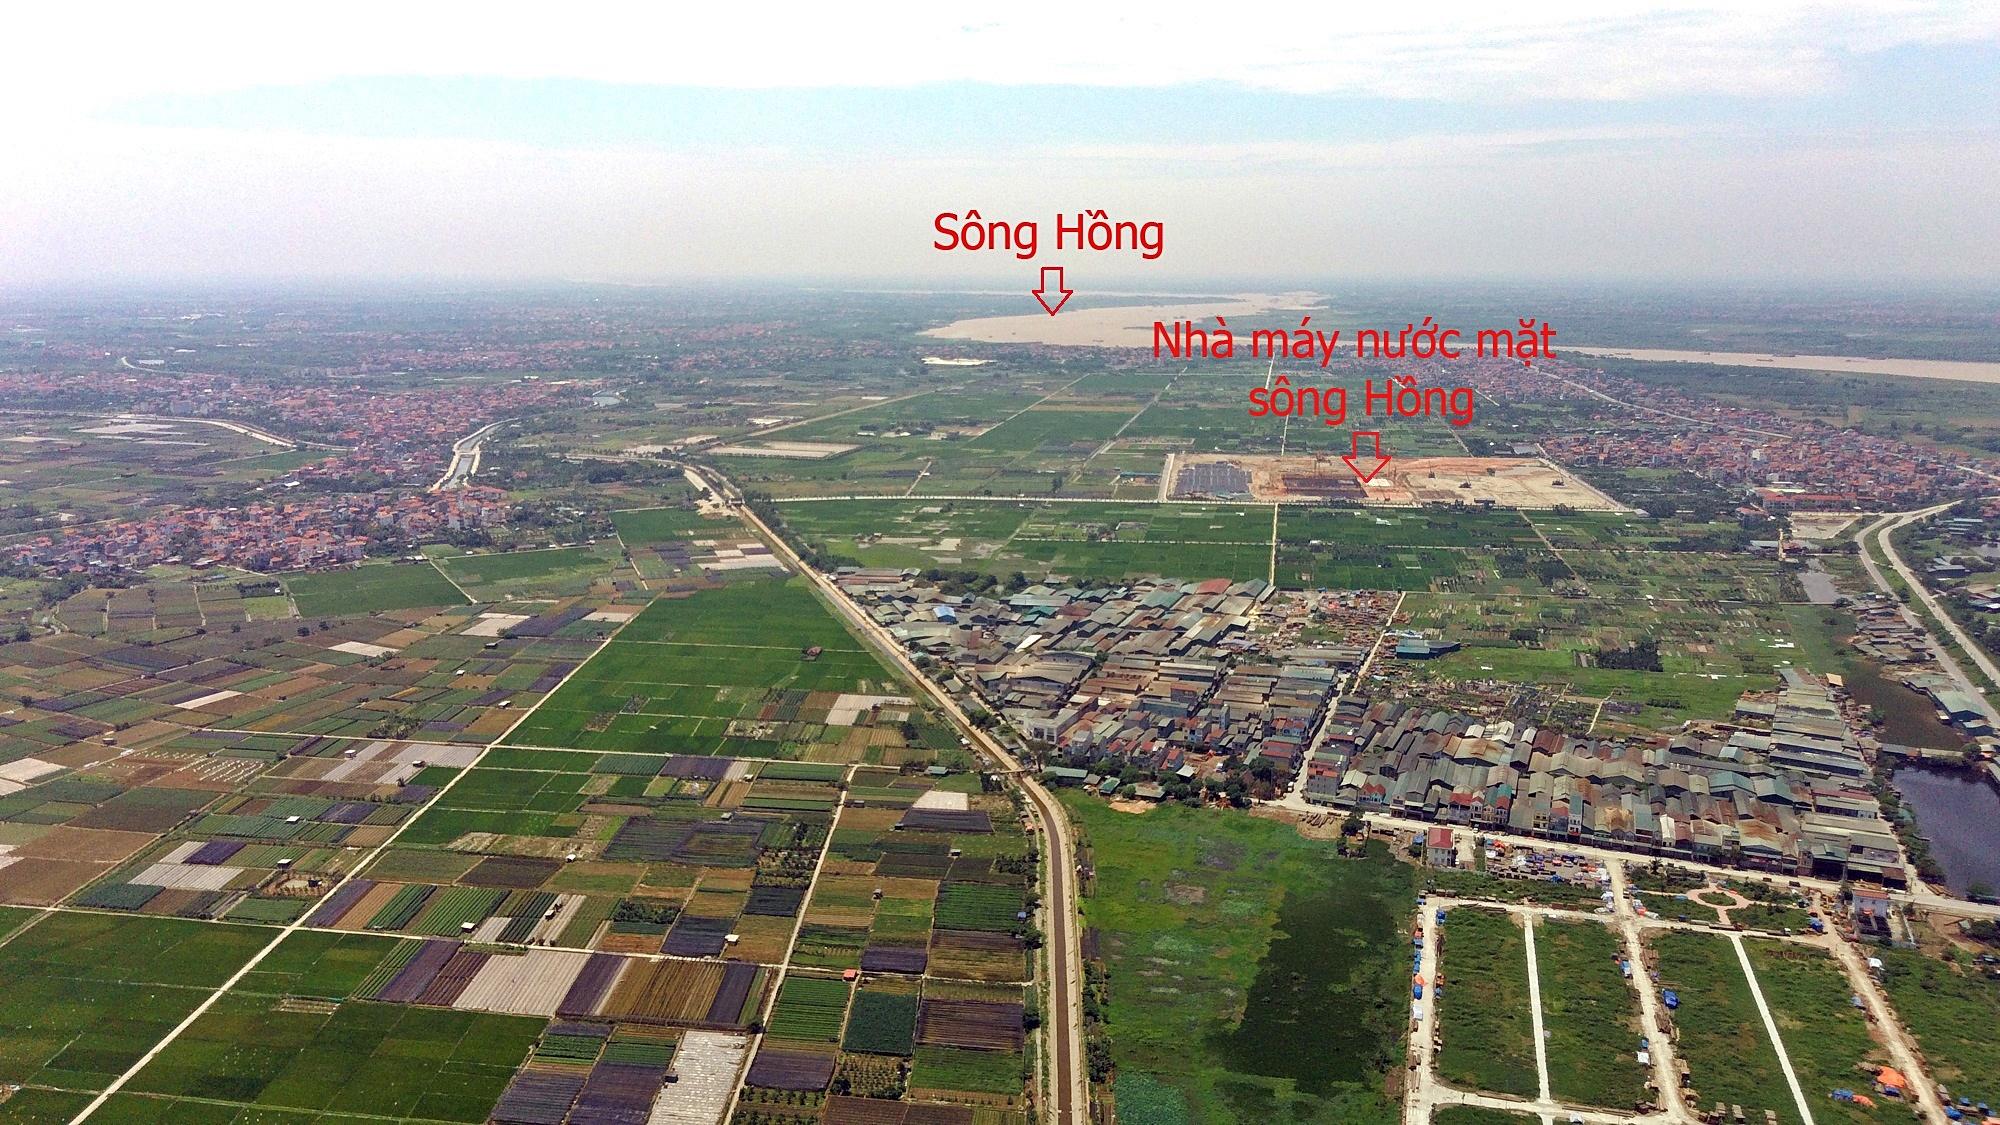 Cầu sẽ mở theo qui hoạch ở Hà Nội: Toàn cảnh vị trí làm cầu Hồng Hà nối Đan Phượng với Mê Linh - Ảnh 3.